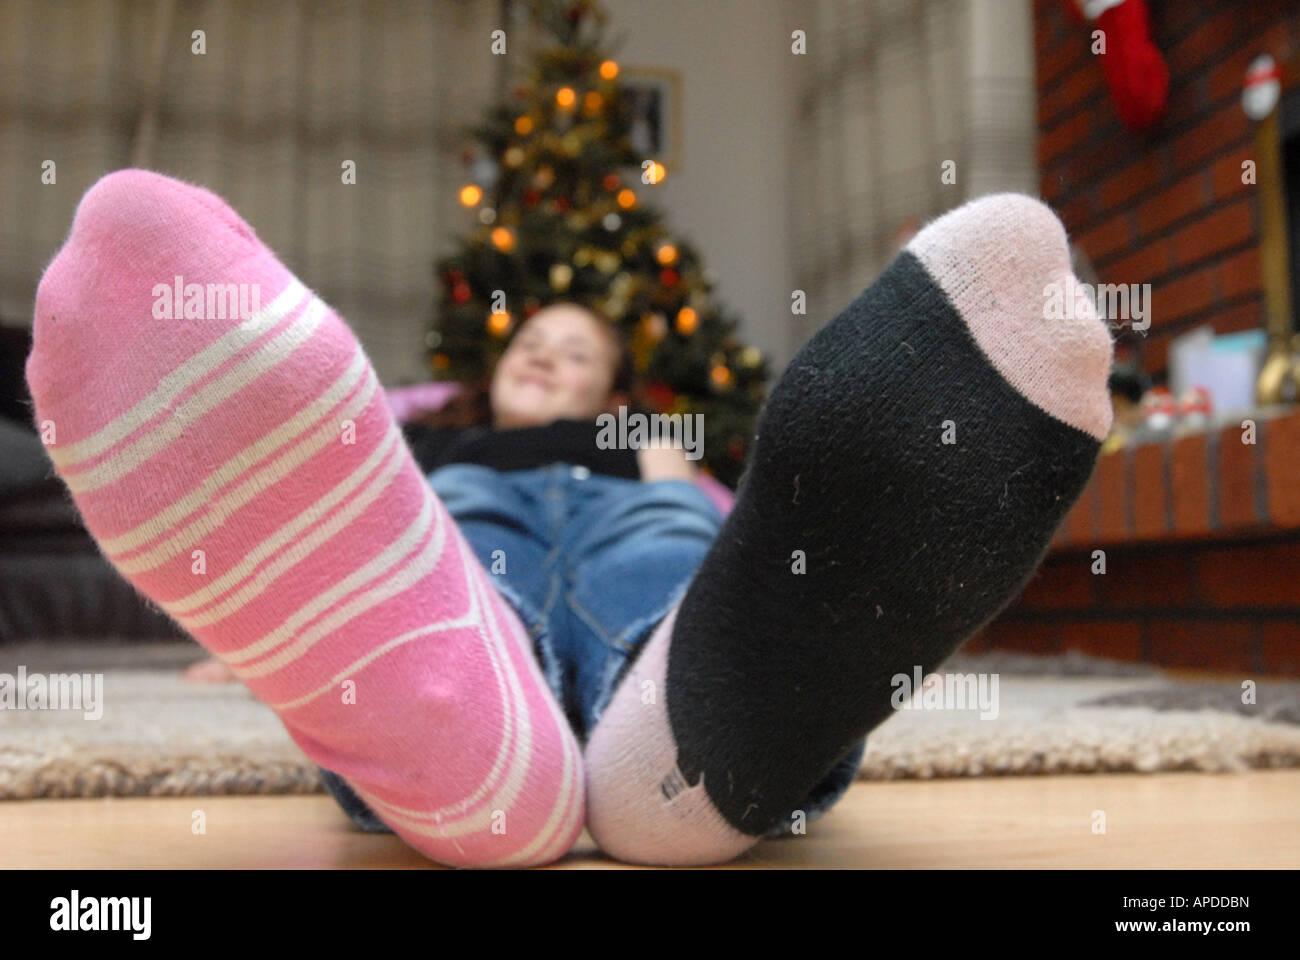 ein Mädchen mit ungeraden Socken liegen vor einem Weihnachtsbaum ...